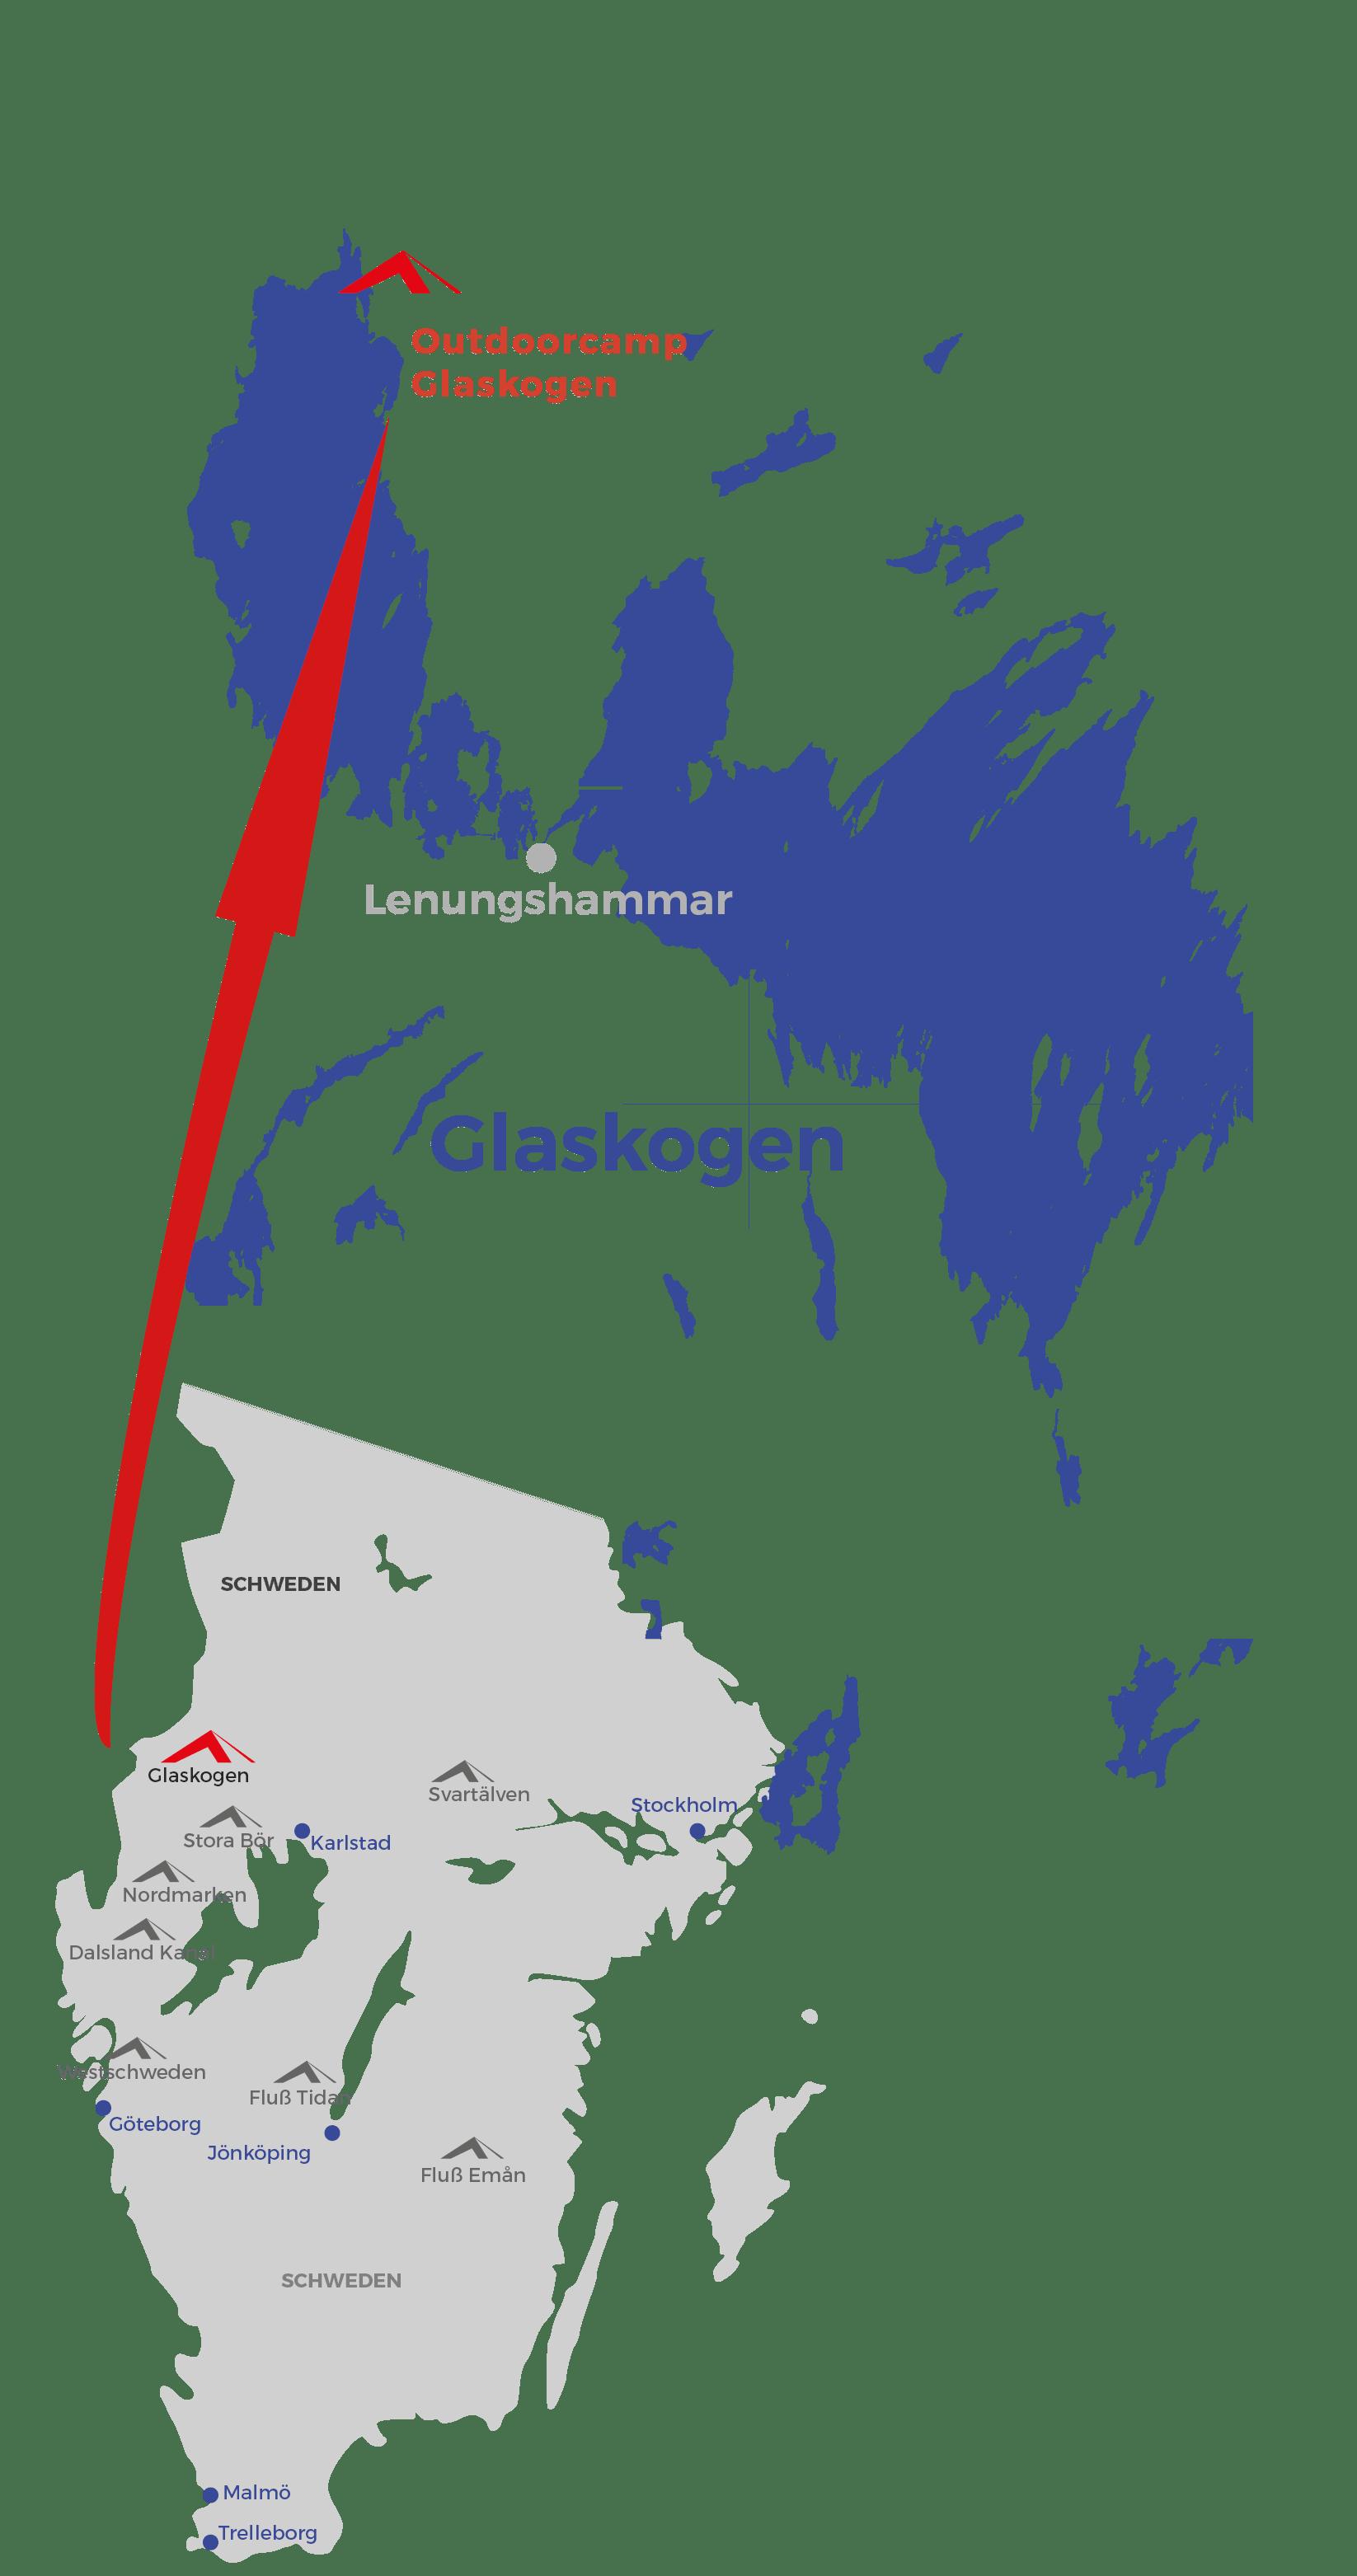 Schweden Karte Deutsch.Trekkingtour Auf Eigene Faust Schweden Glaskogen